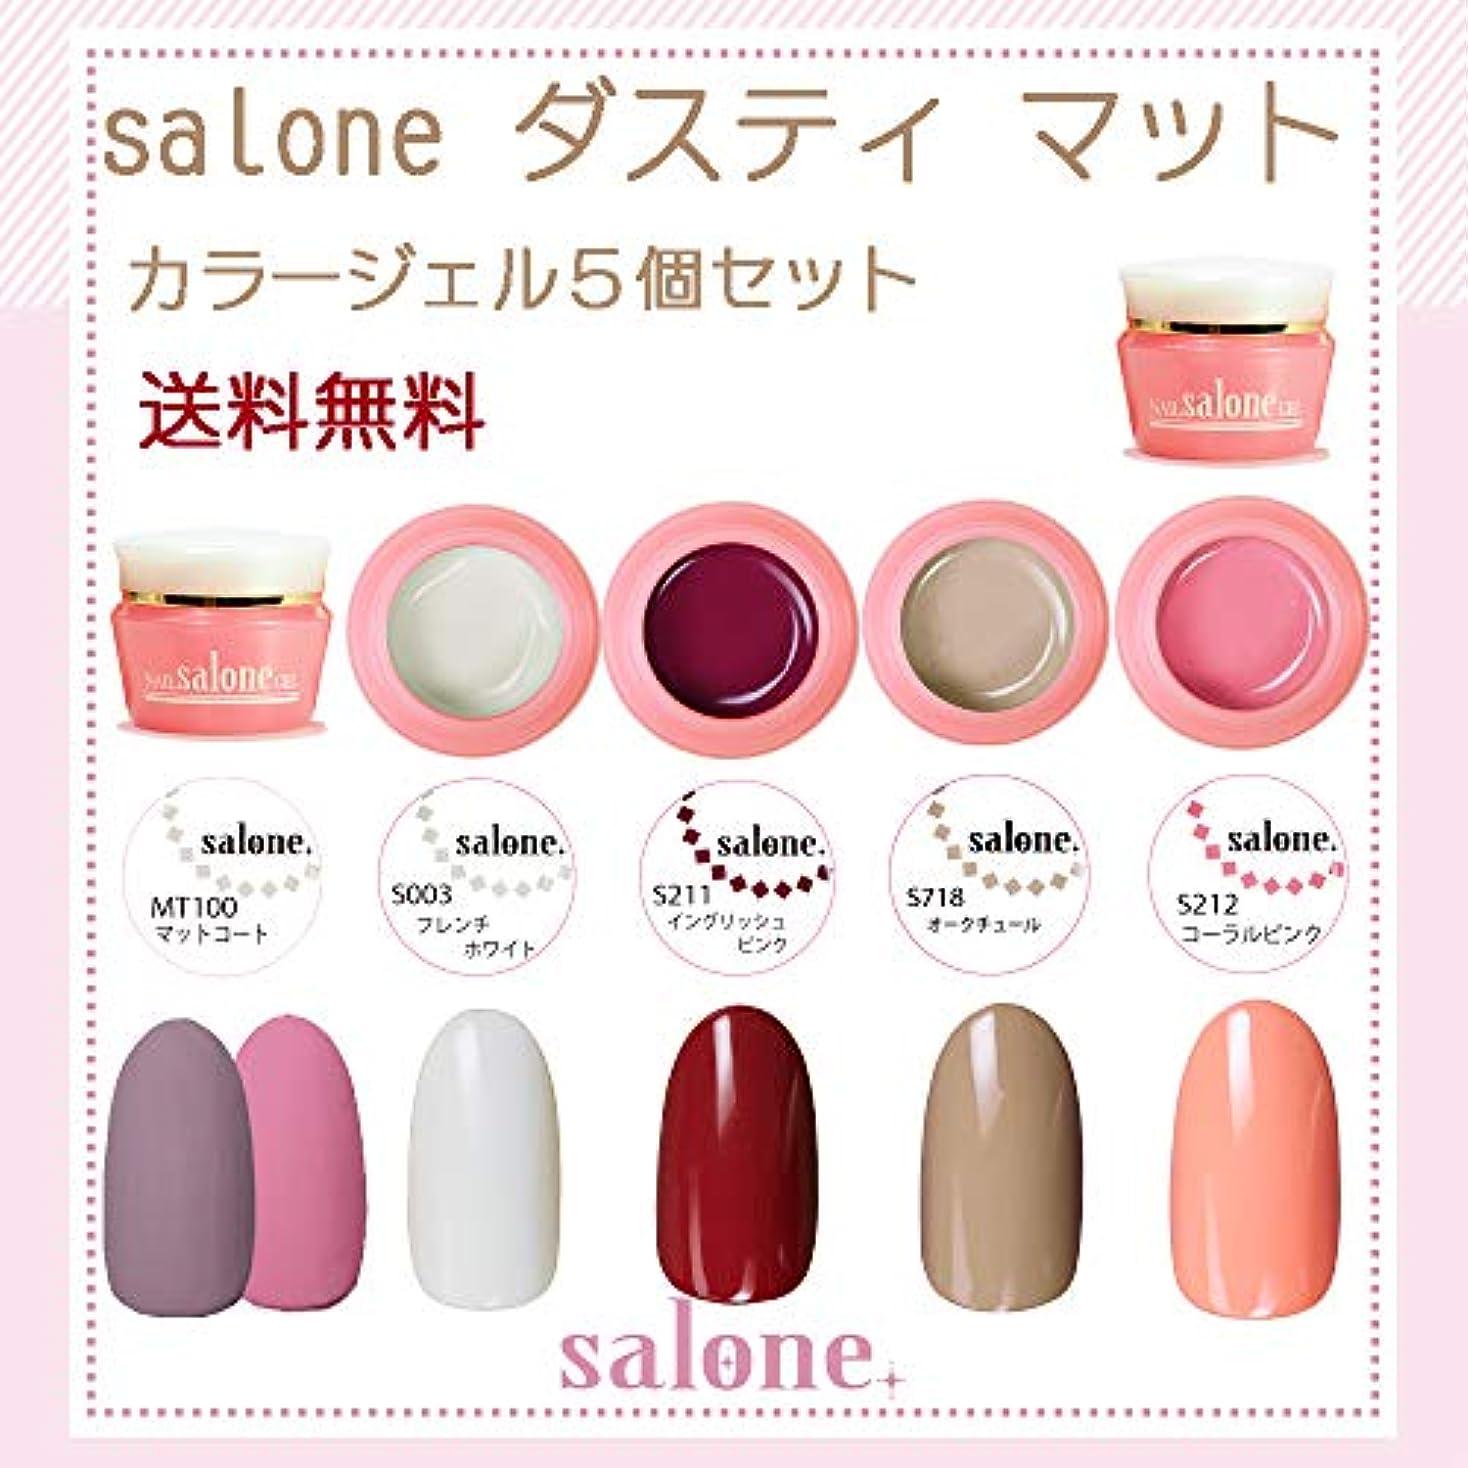 硬化する不健康望ましい【送料無料 日本製】Salone ダスティマット カラージェル5個セット ネイルのマストアイテムのマットトップ